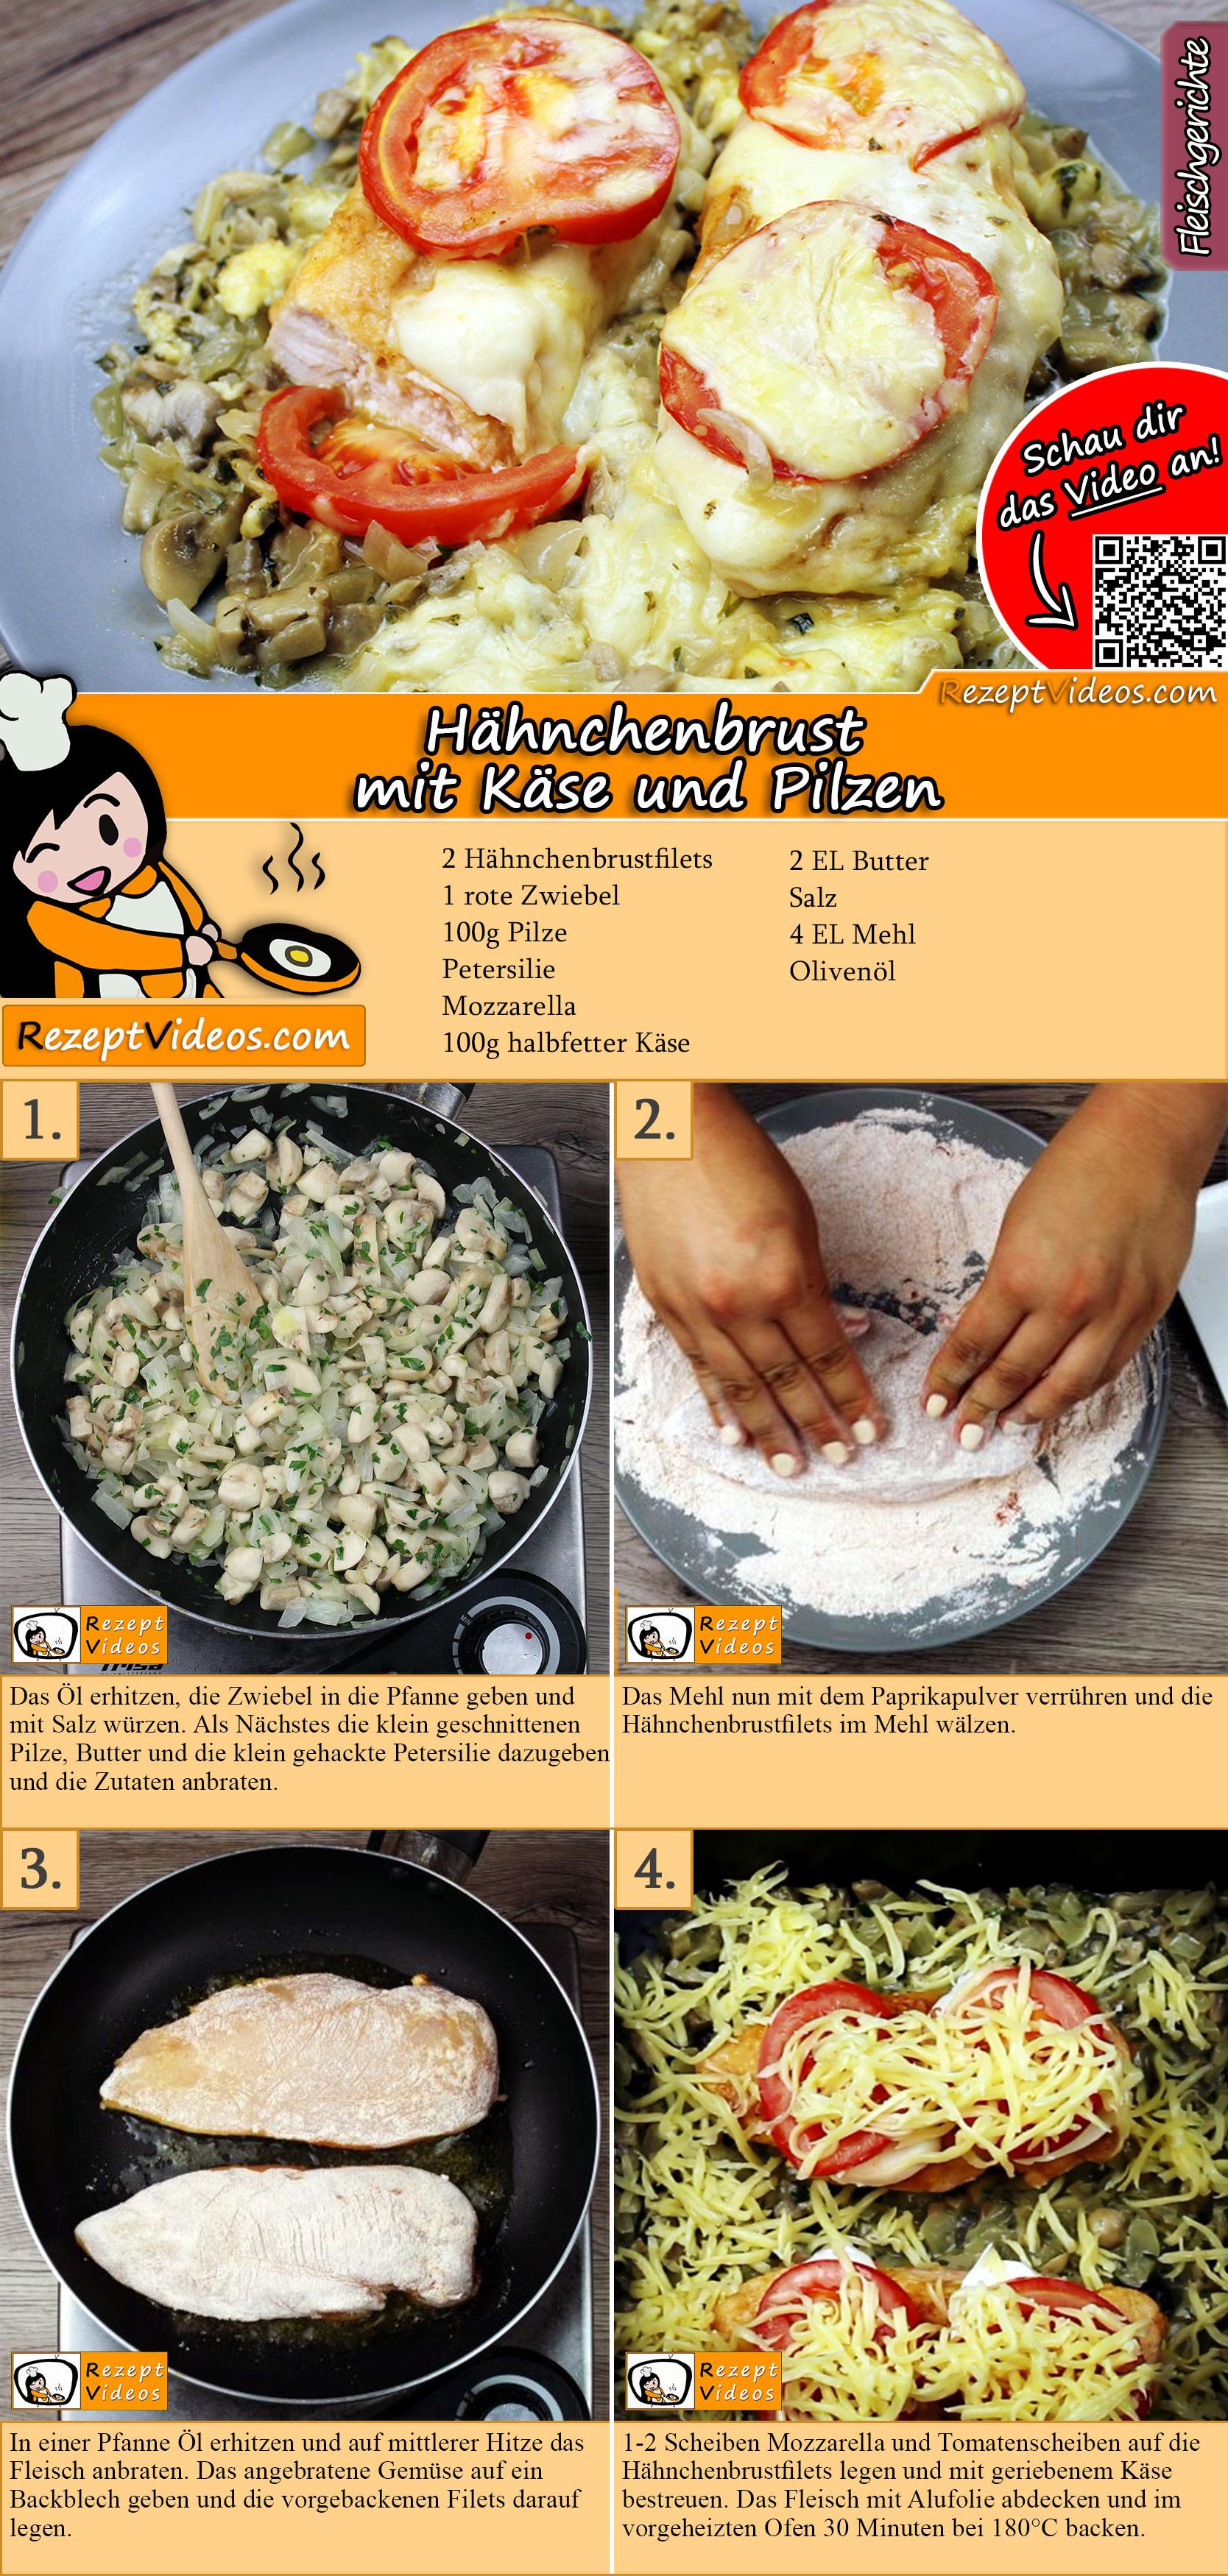 Hähnchenbrust mit Käse und Pilzen Rezept mit Video